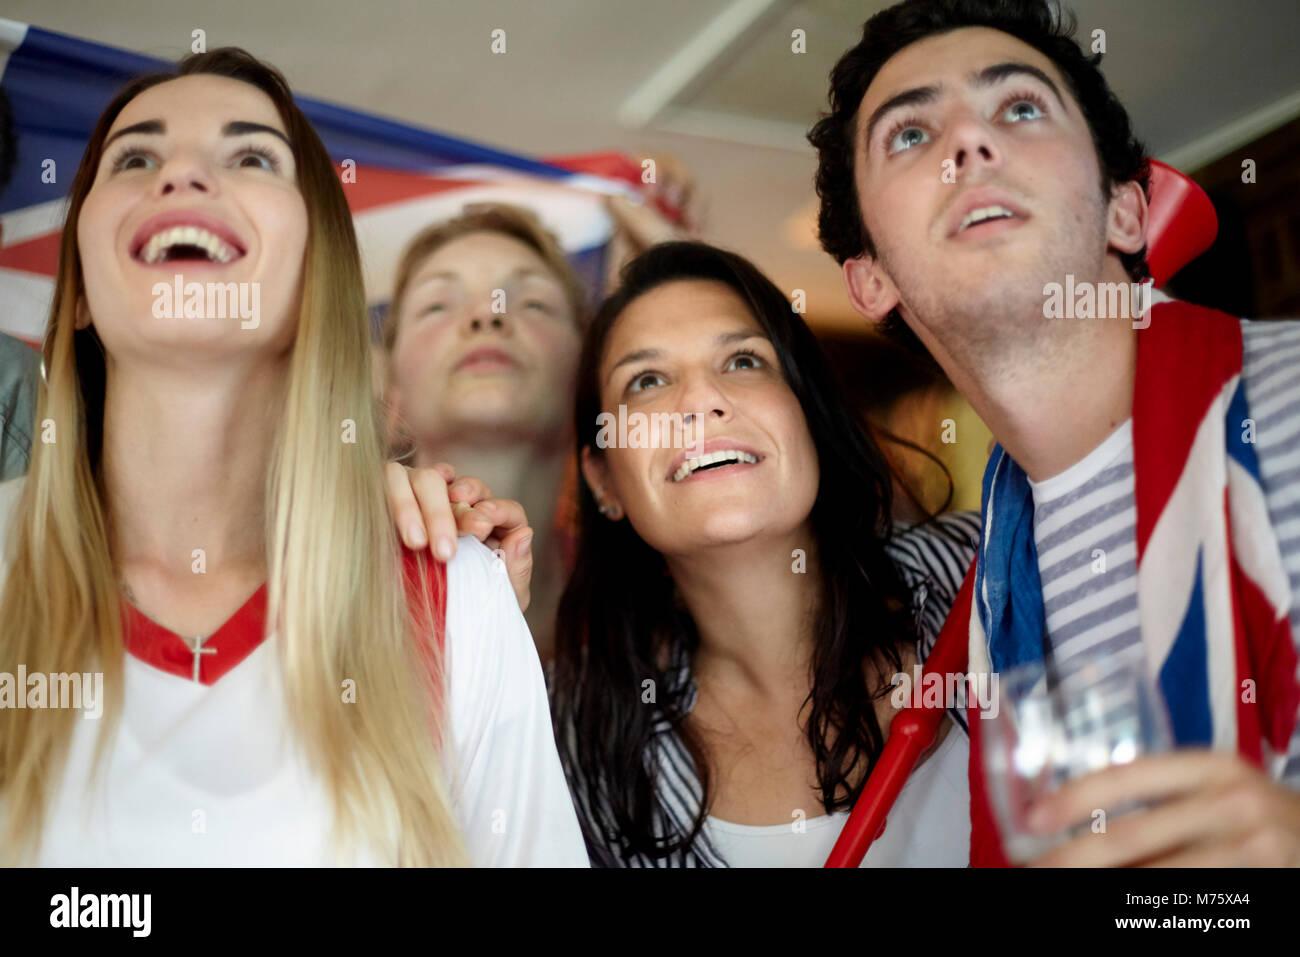 Fußballfans beobachten Match in bar Stockbild